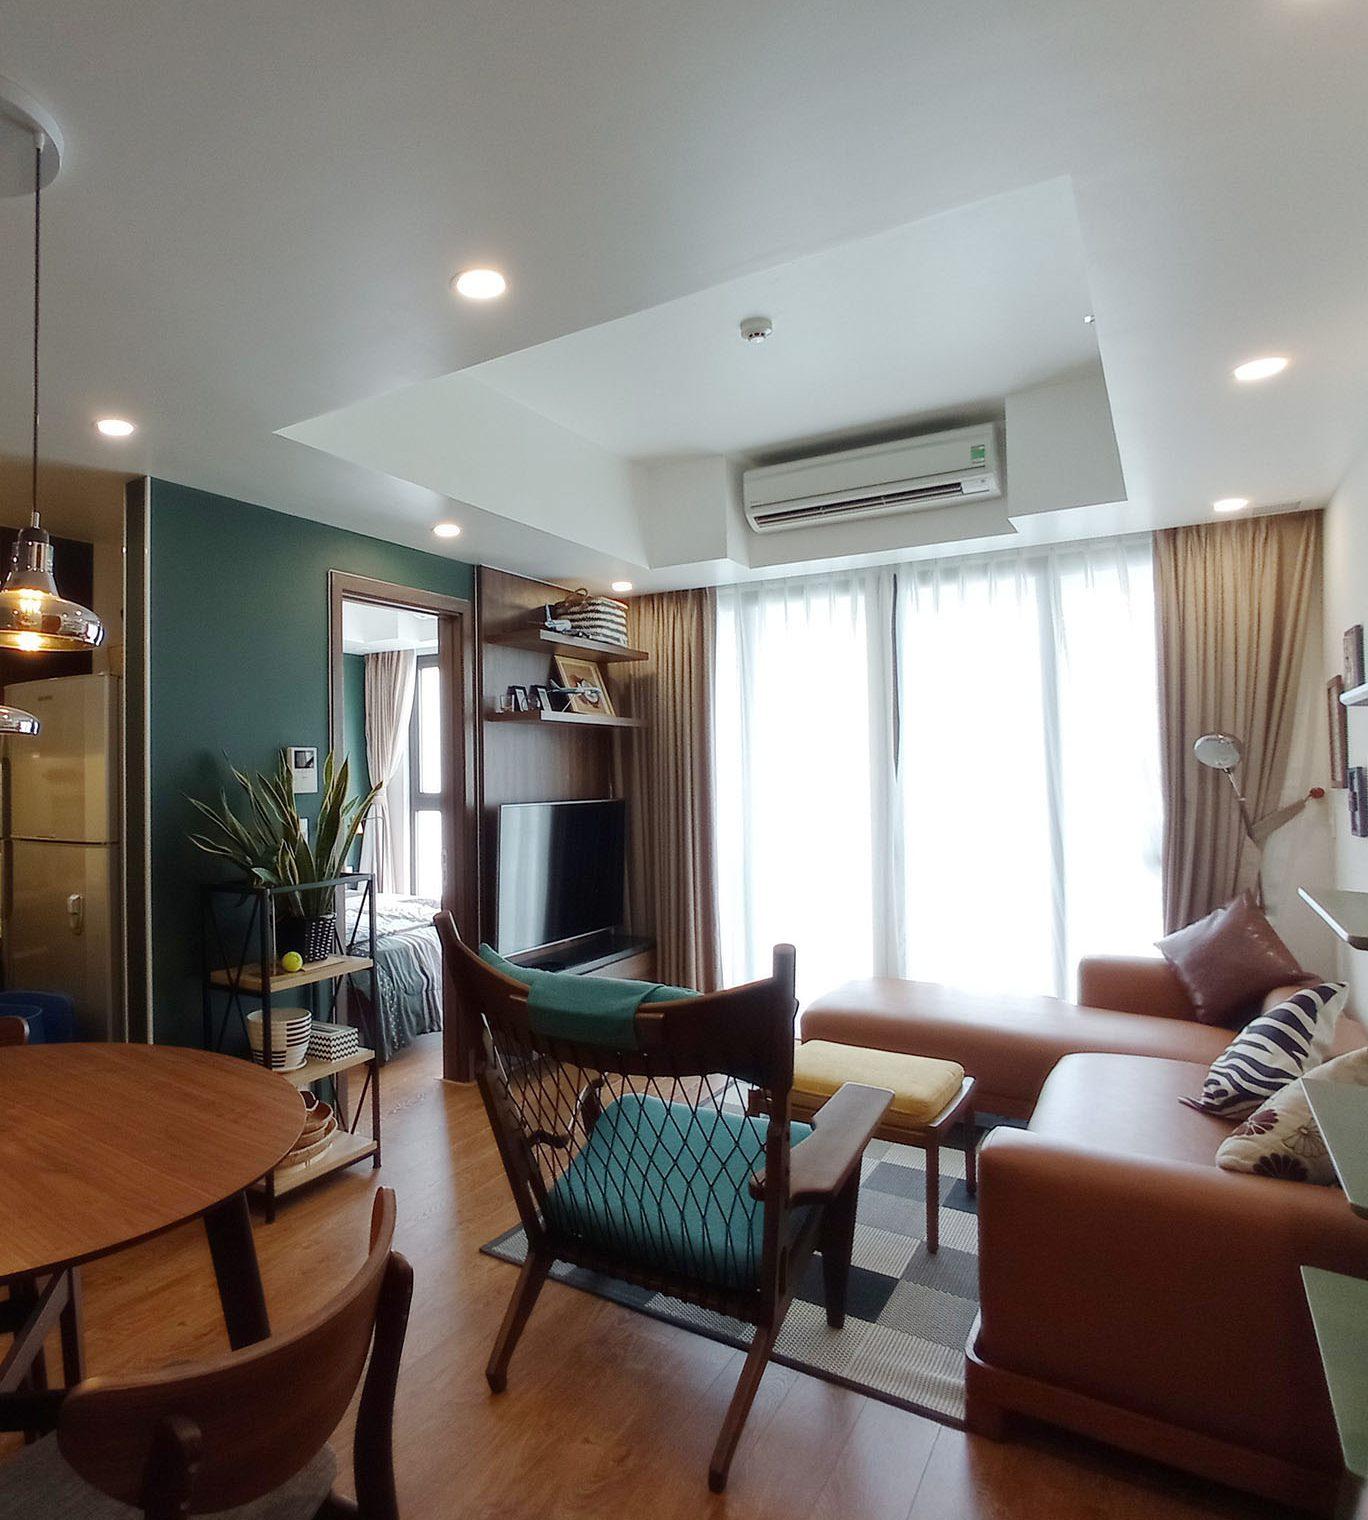 Căn hộ Hiyori tầng 15, đầy đủ tiện nghi và trang thiết bị